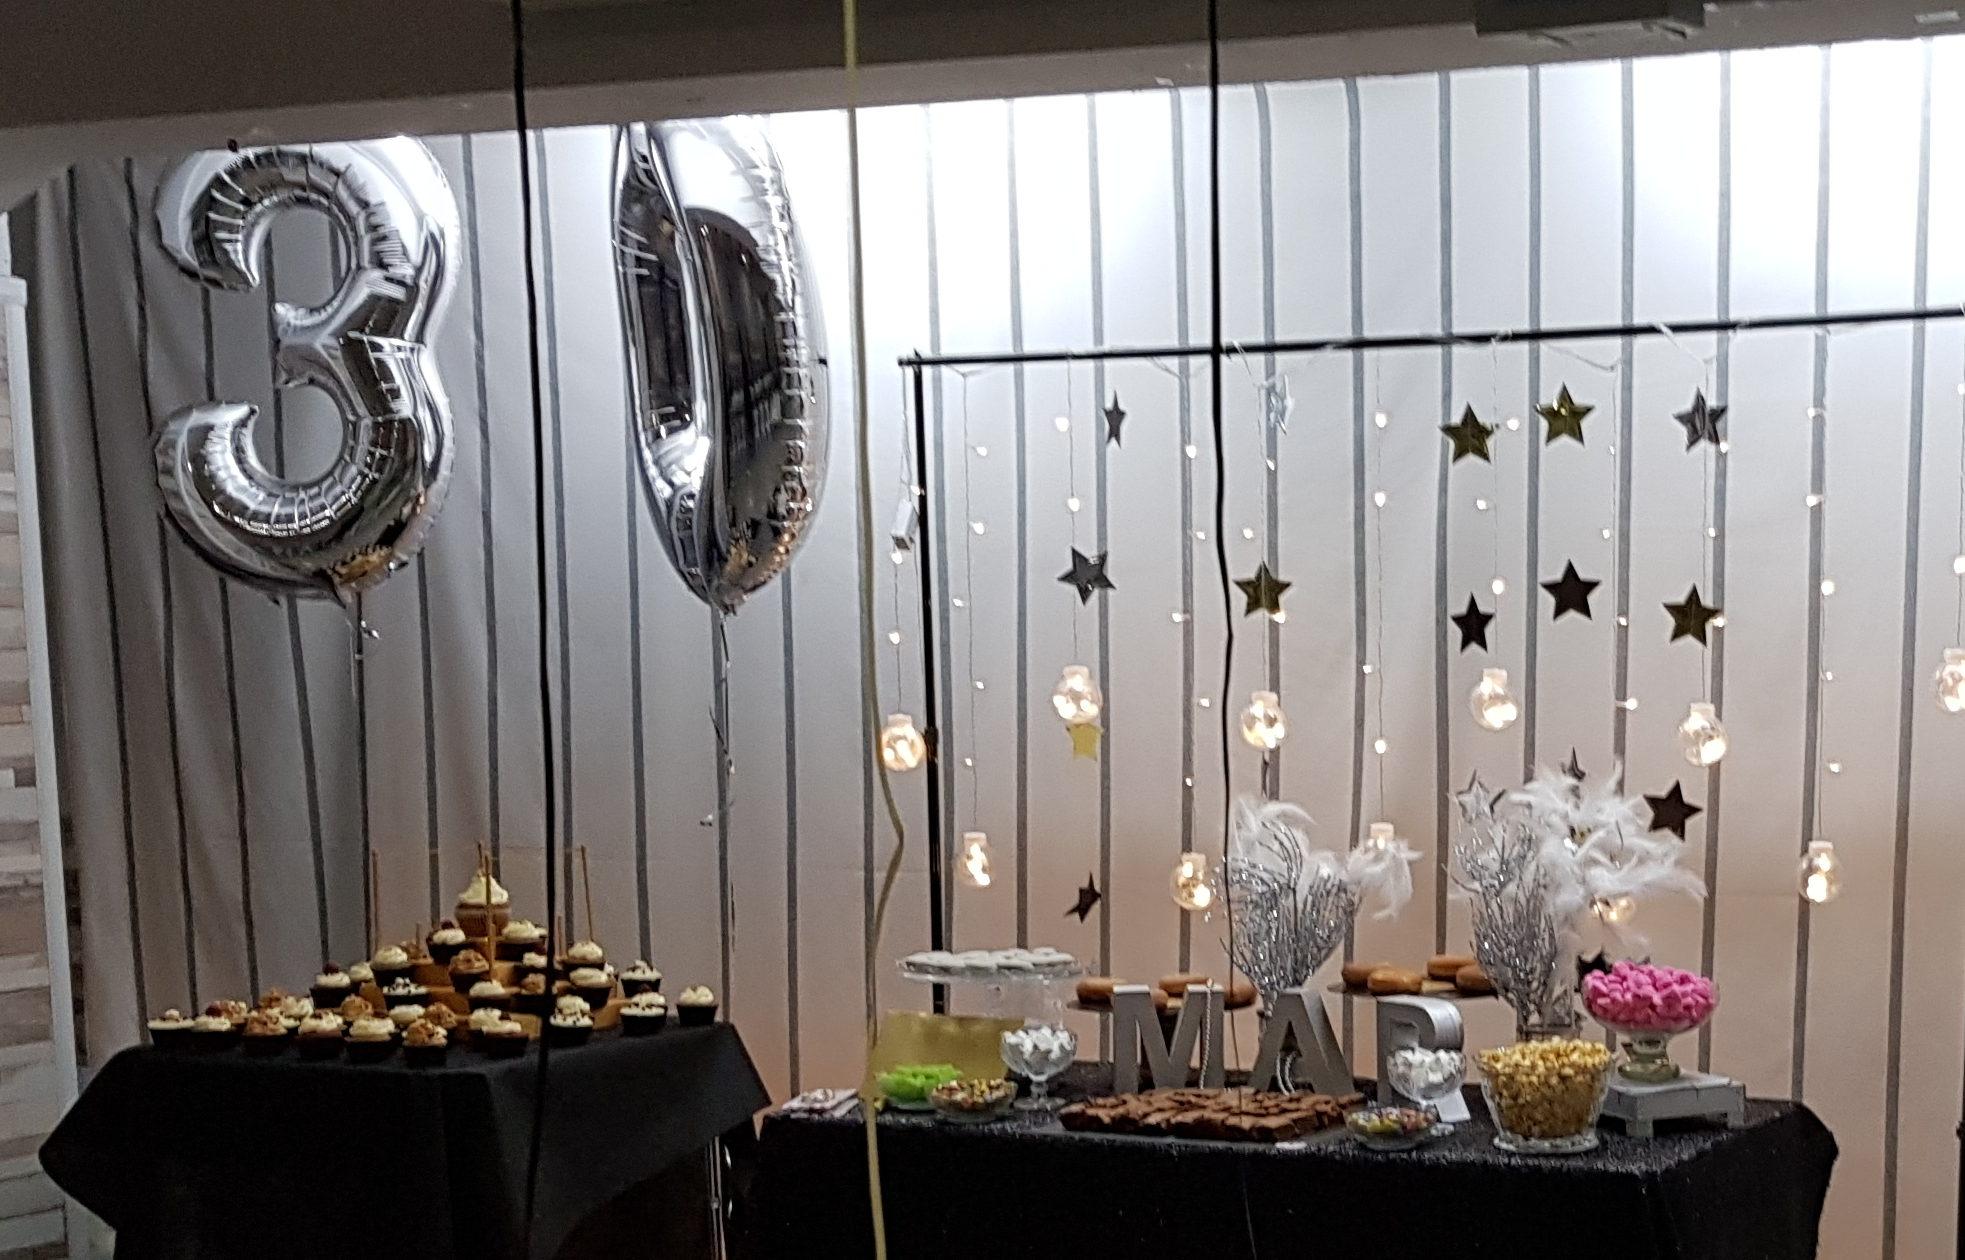 Cumpleaños Mar - My Royal Party